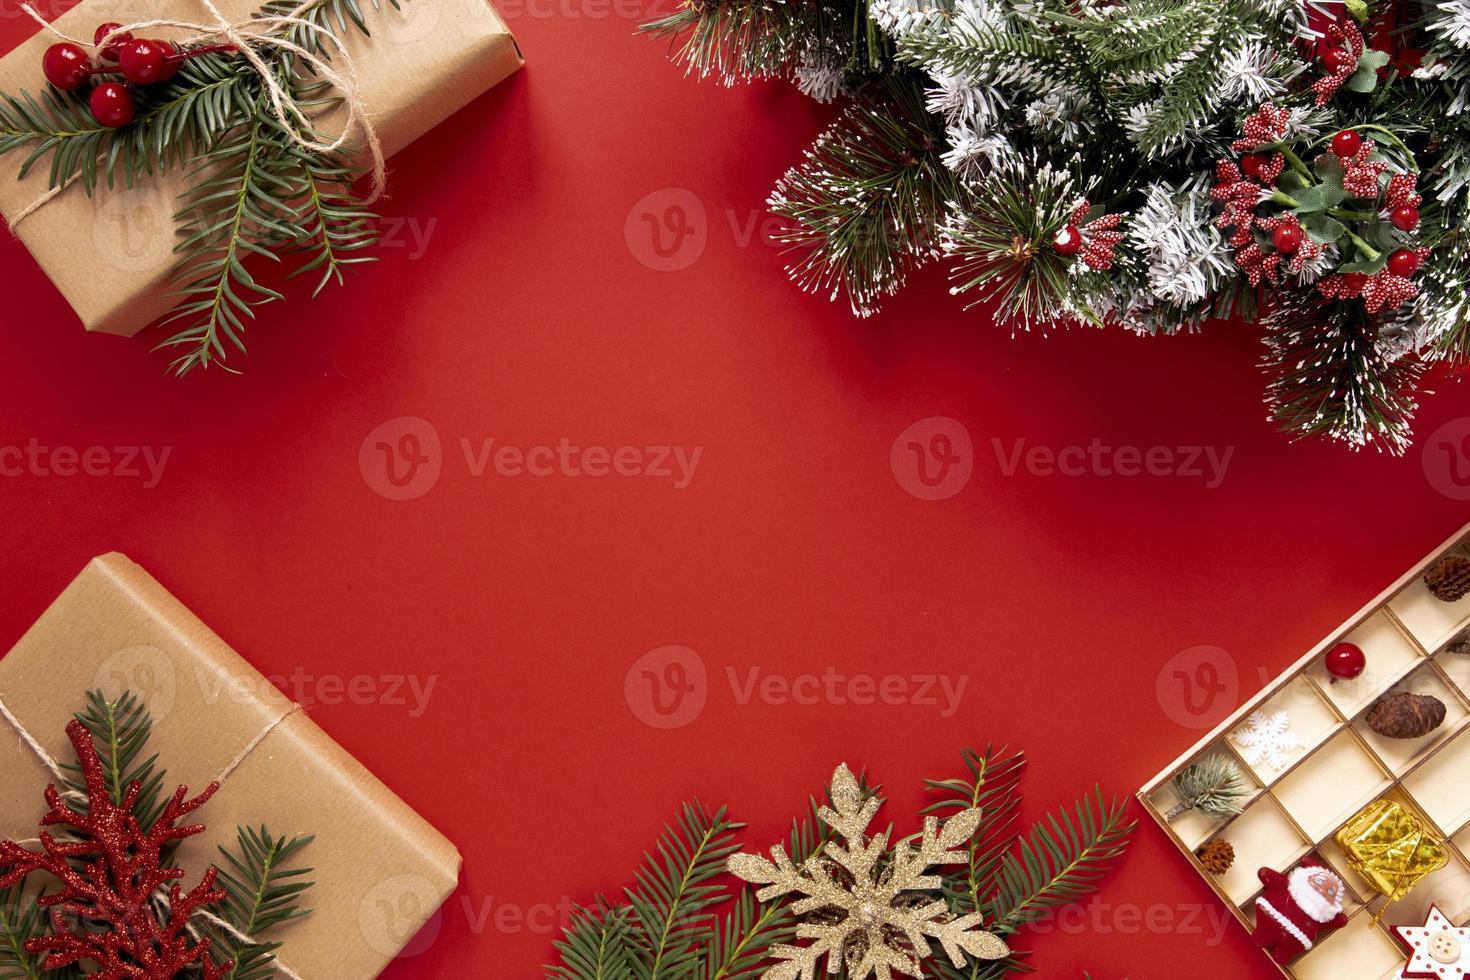 sfondo rosso con decorazioni natalizie foto